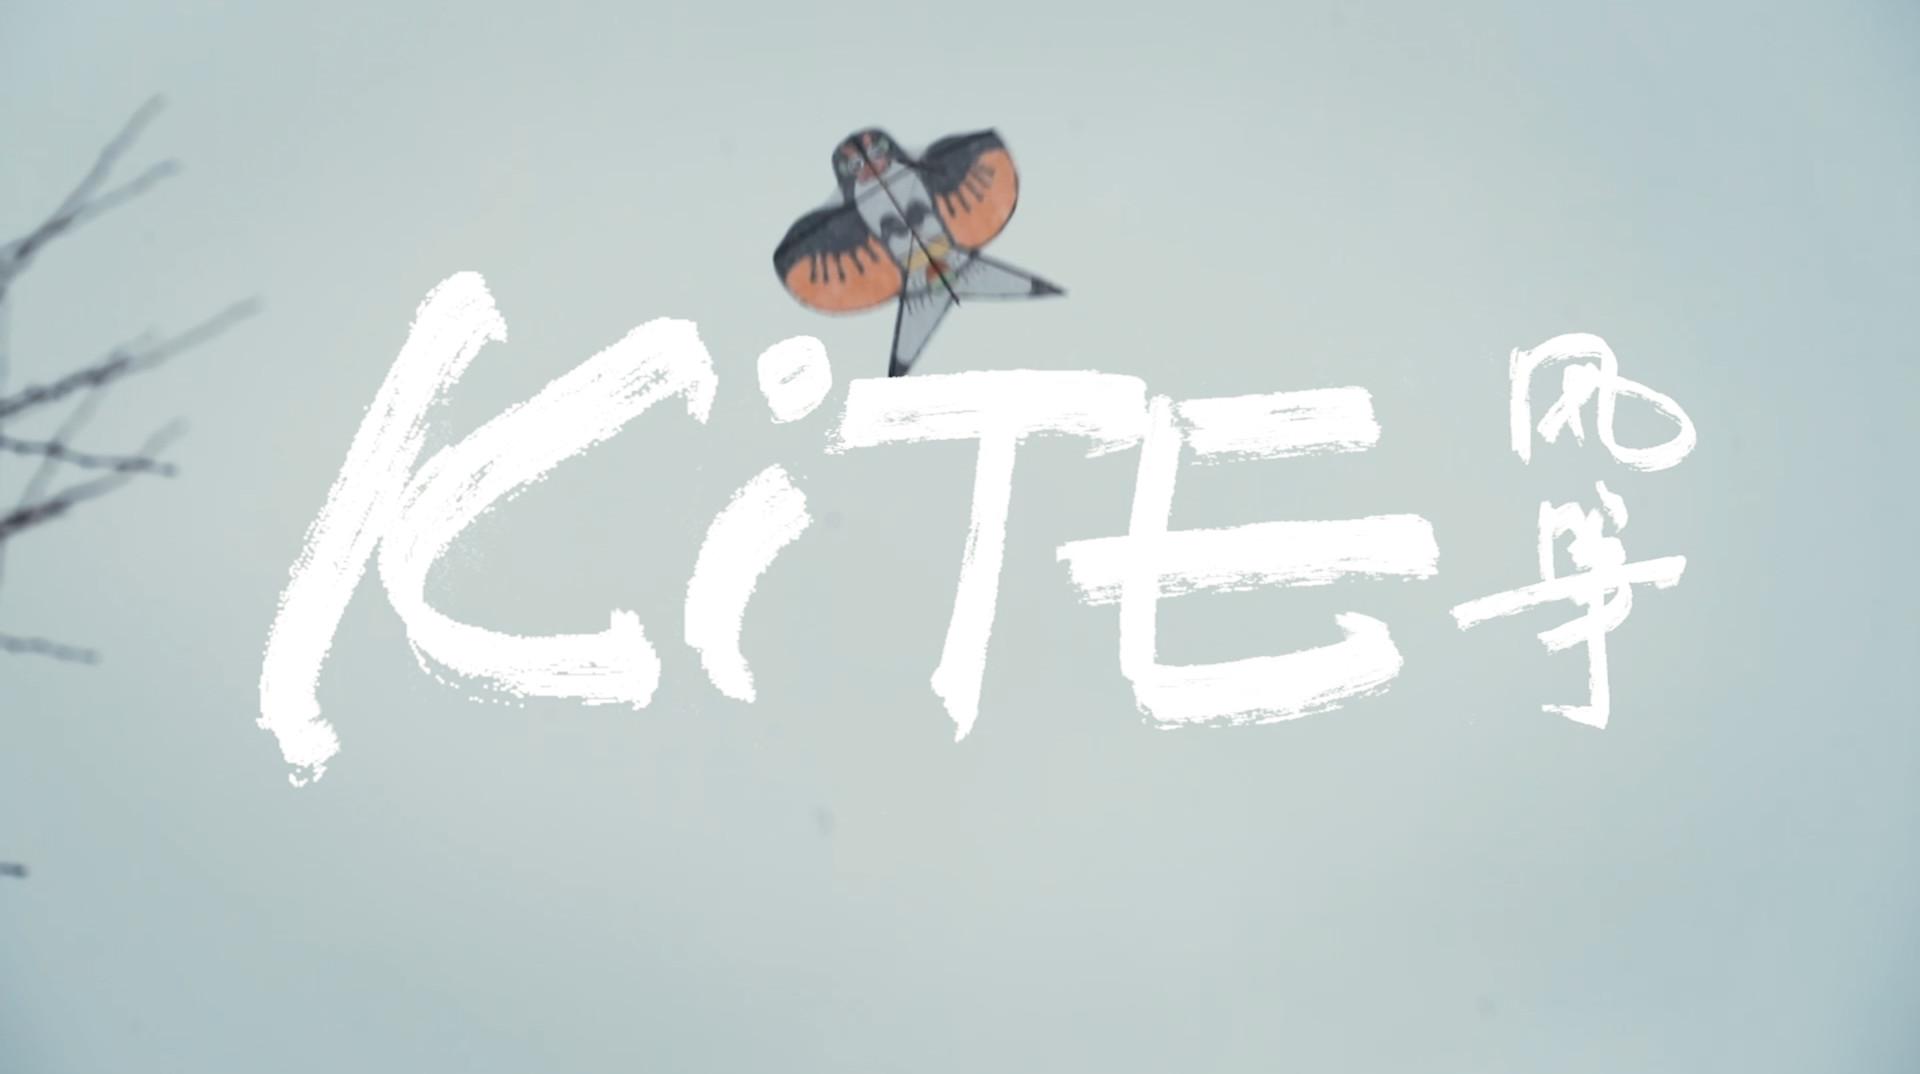 Kite_still01